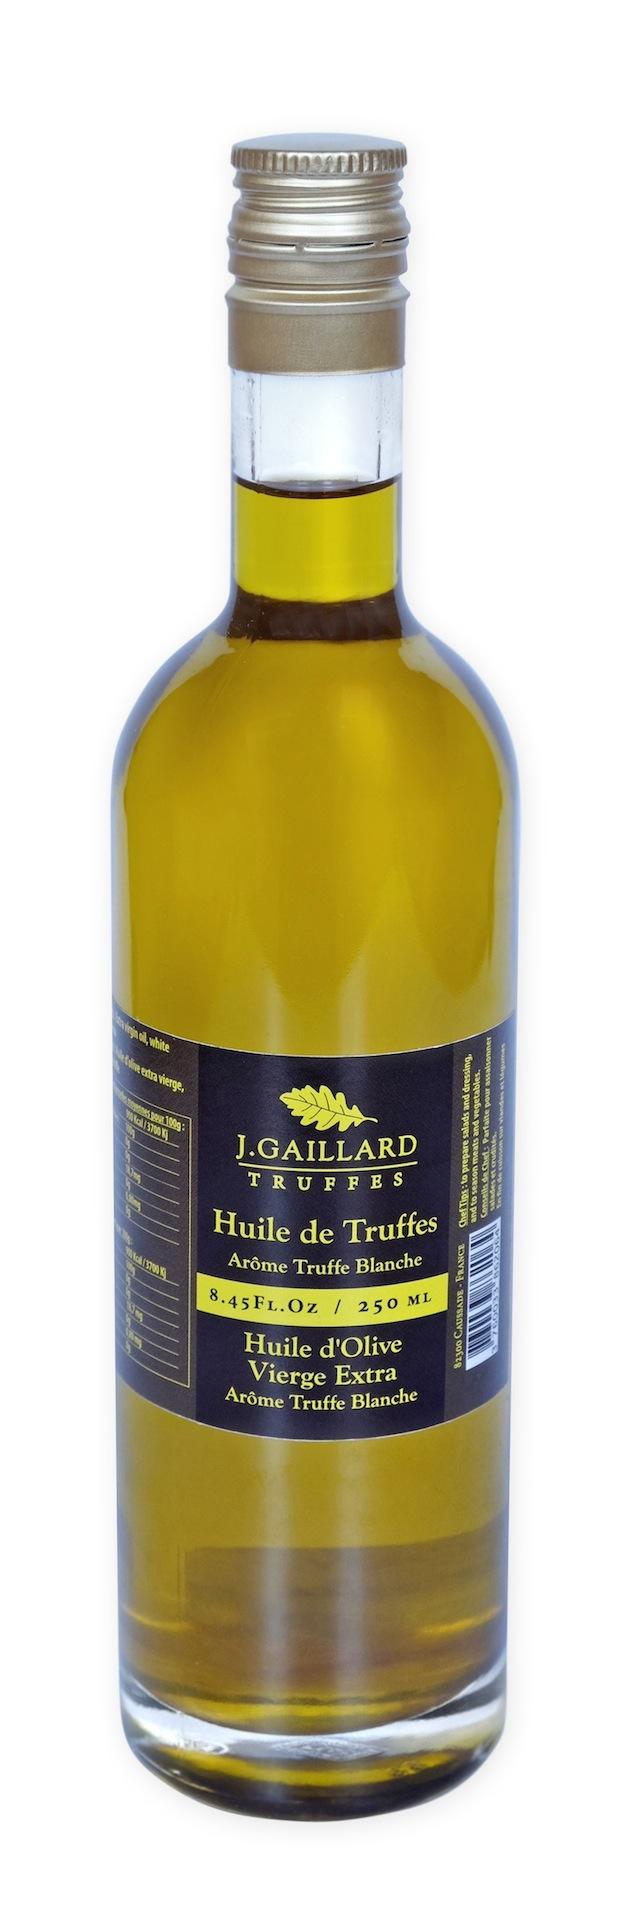 Lanýžový olej bílý J.Gaillard